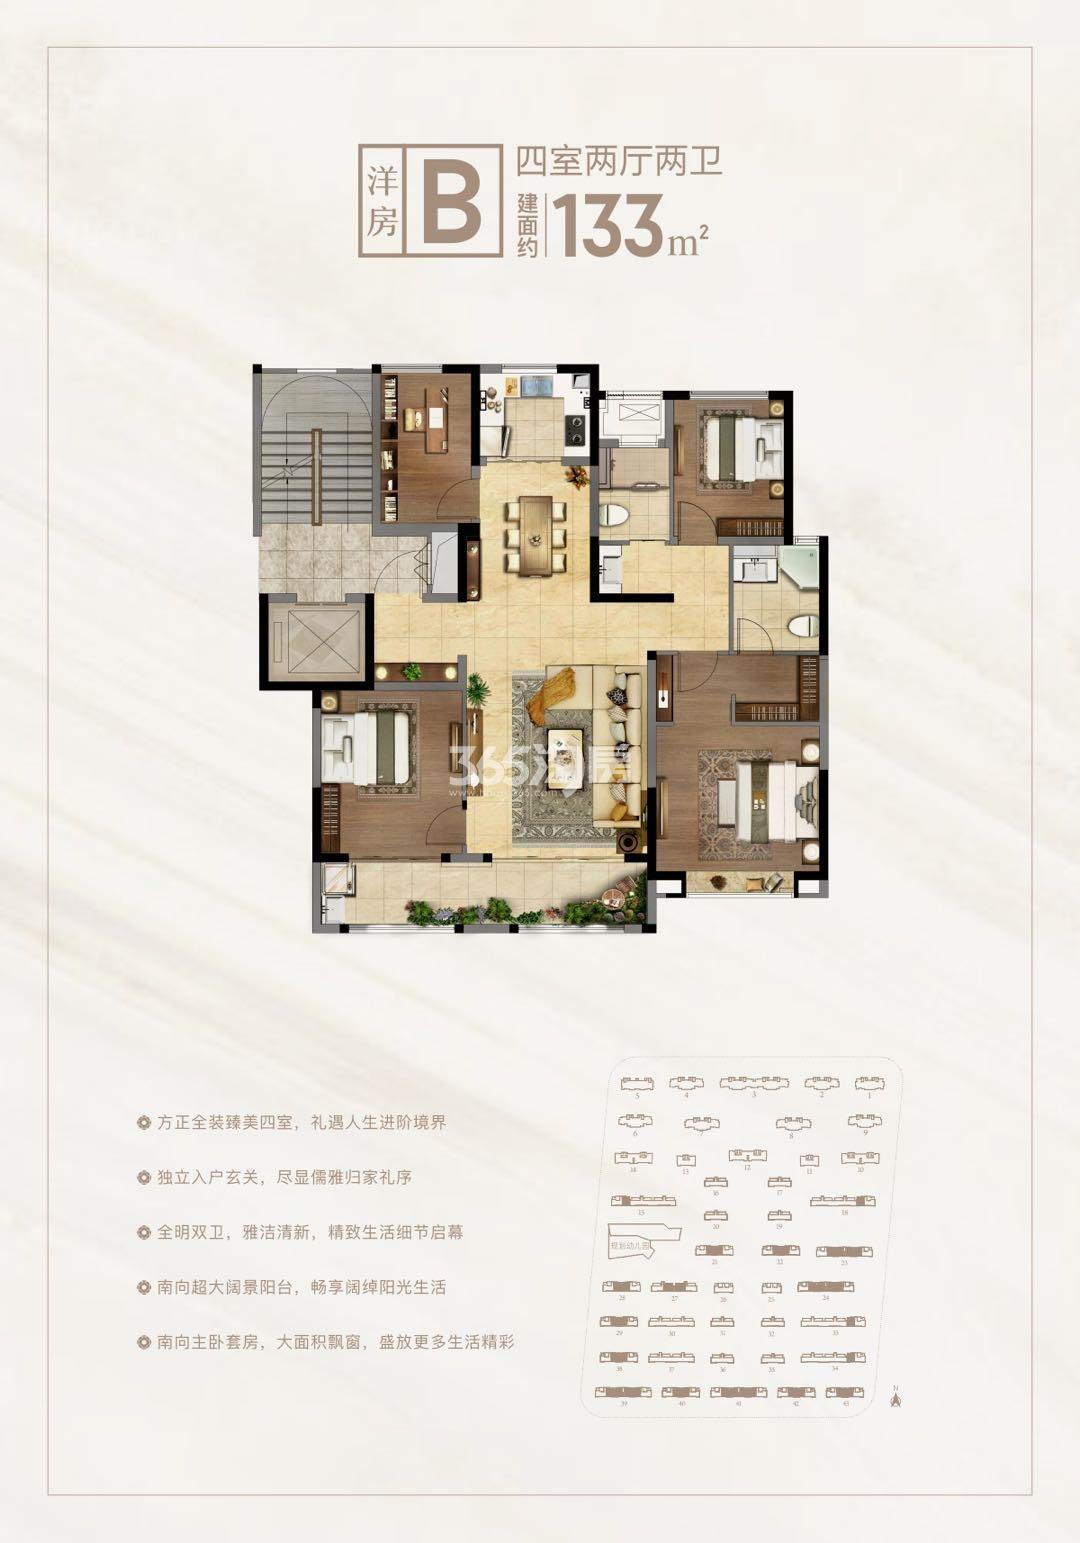 绿城西安全运村133㎡四室两厅低密度多层B户型